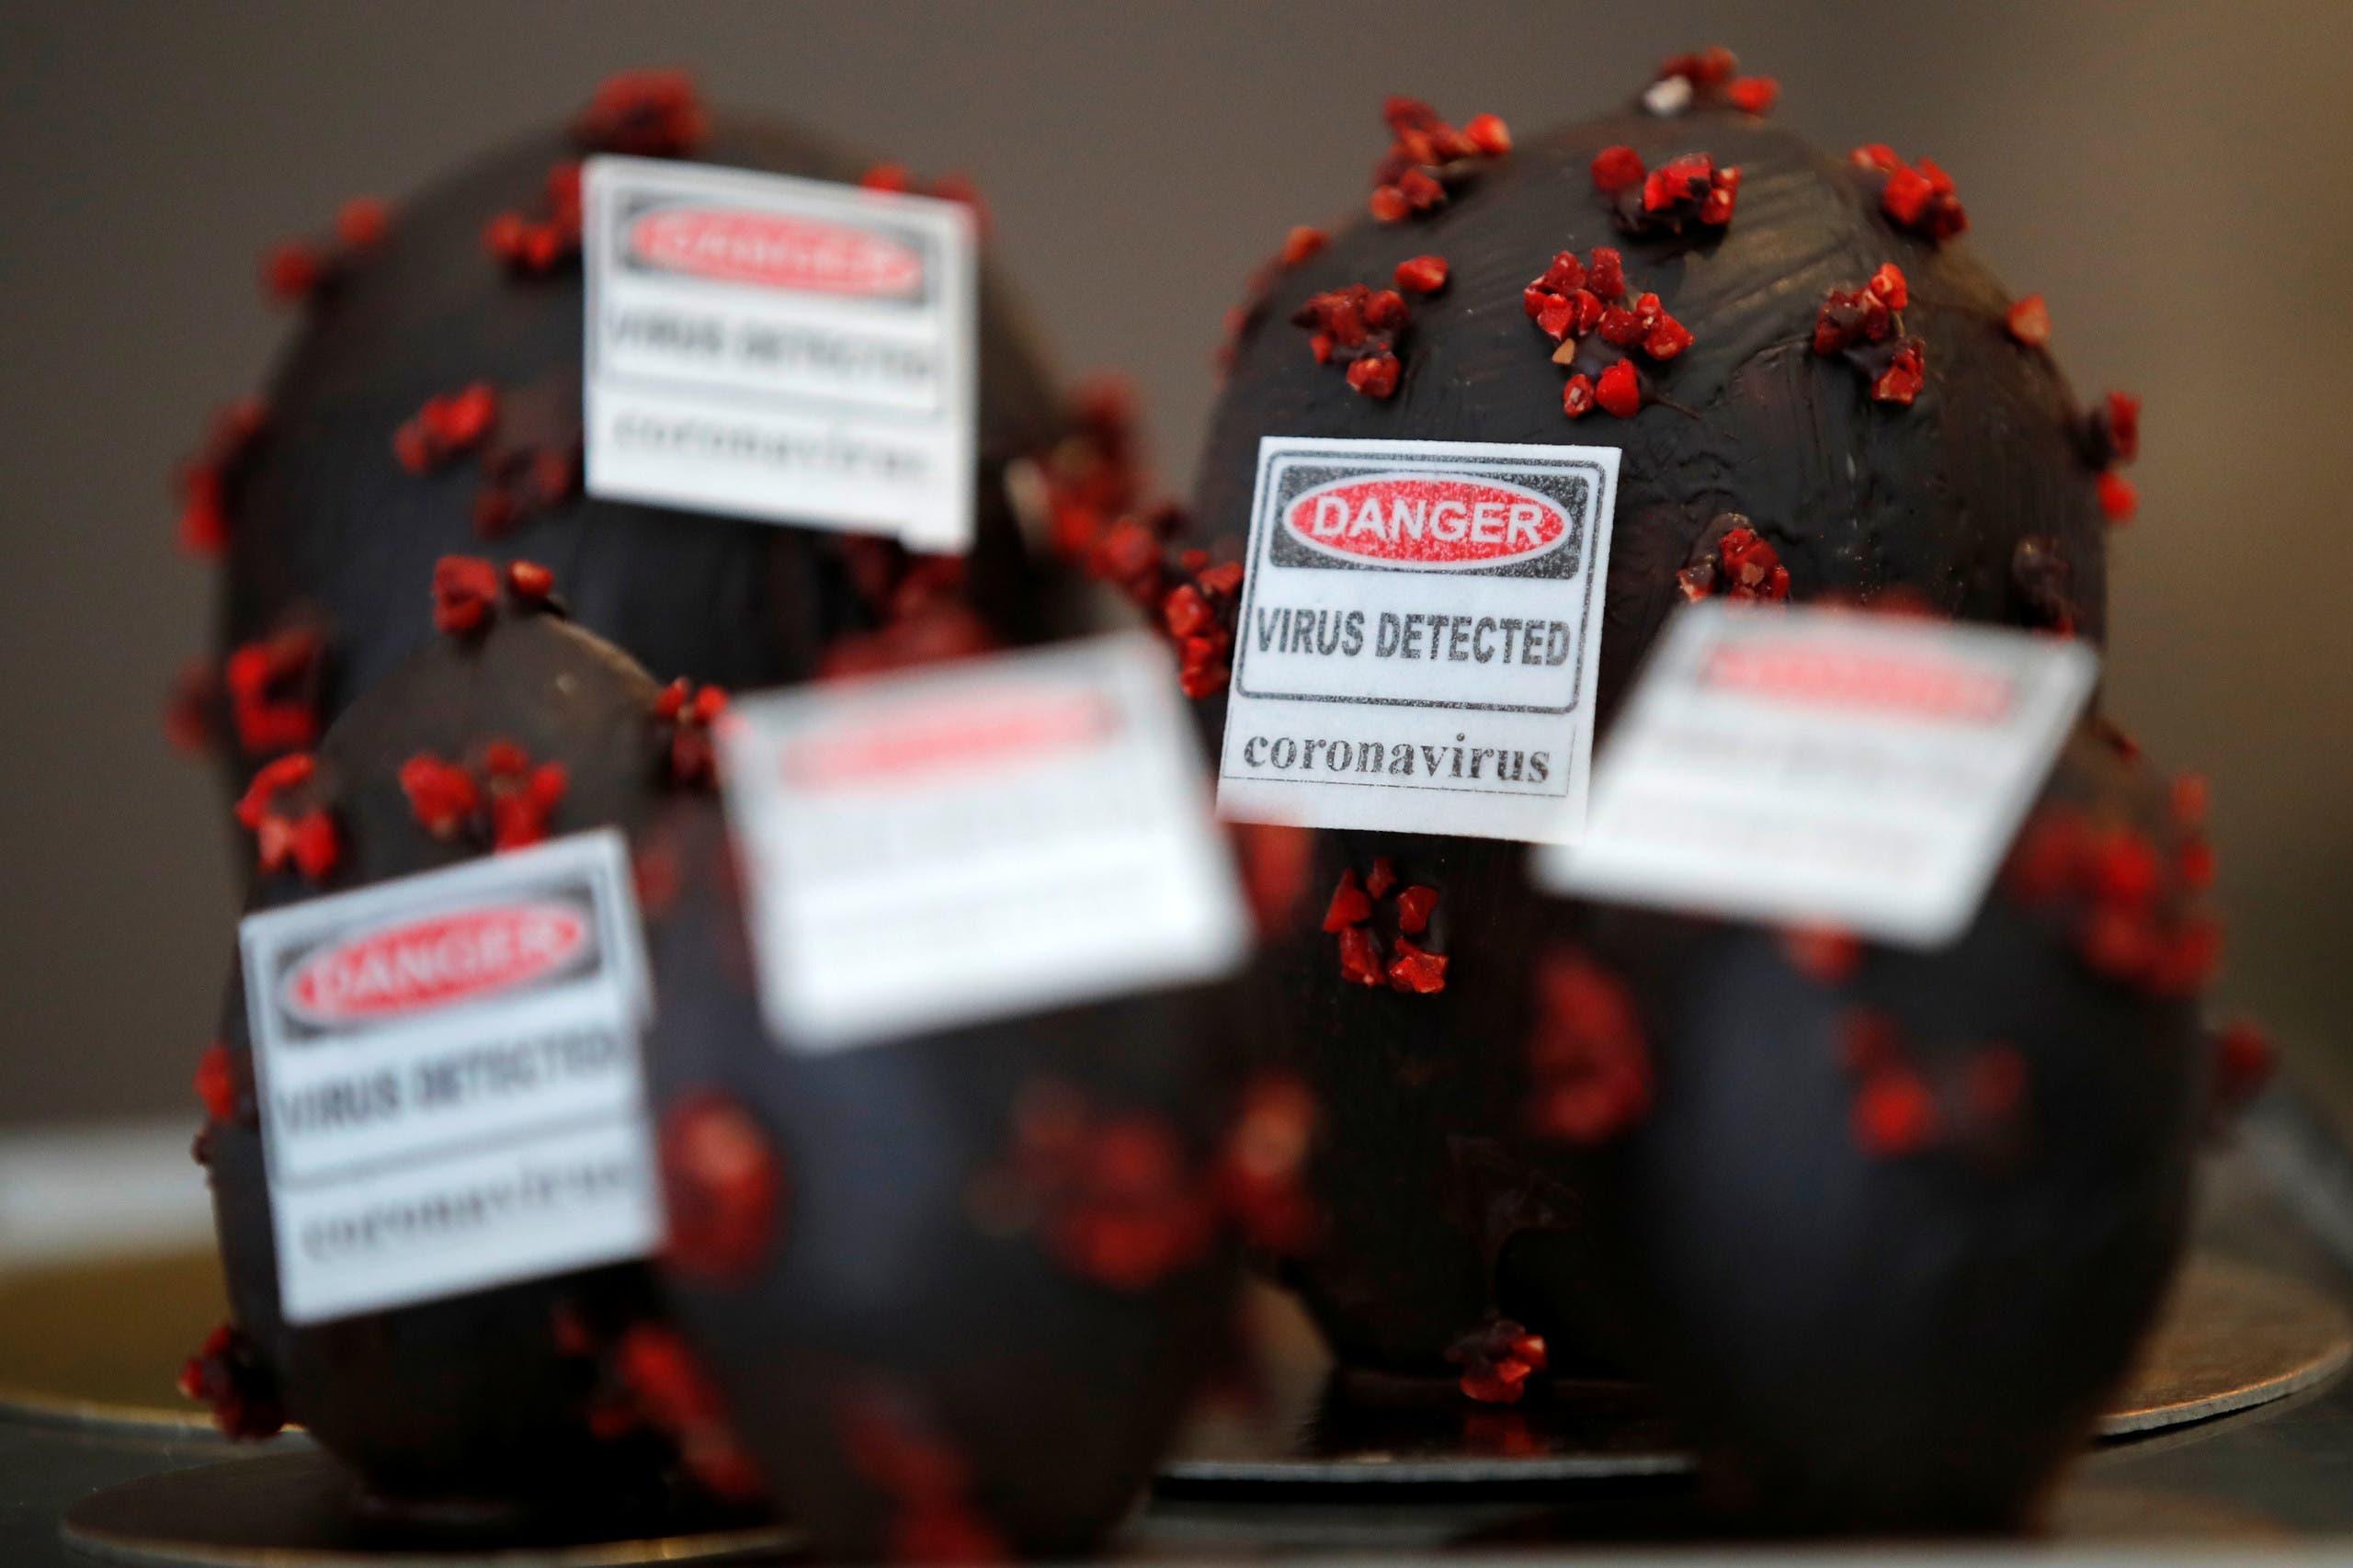 بيض من الشوكولاتة مغلف بأشكال تشبه فيروس كورنا مع رسالة تحذير في فرنسا